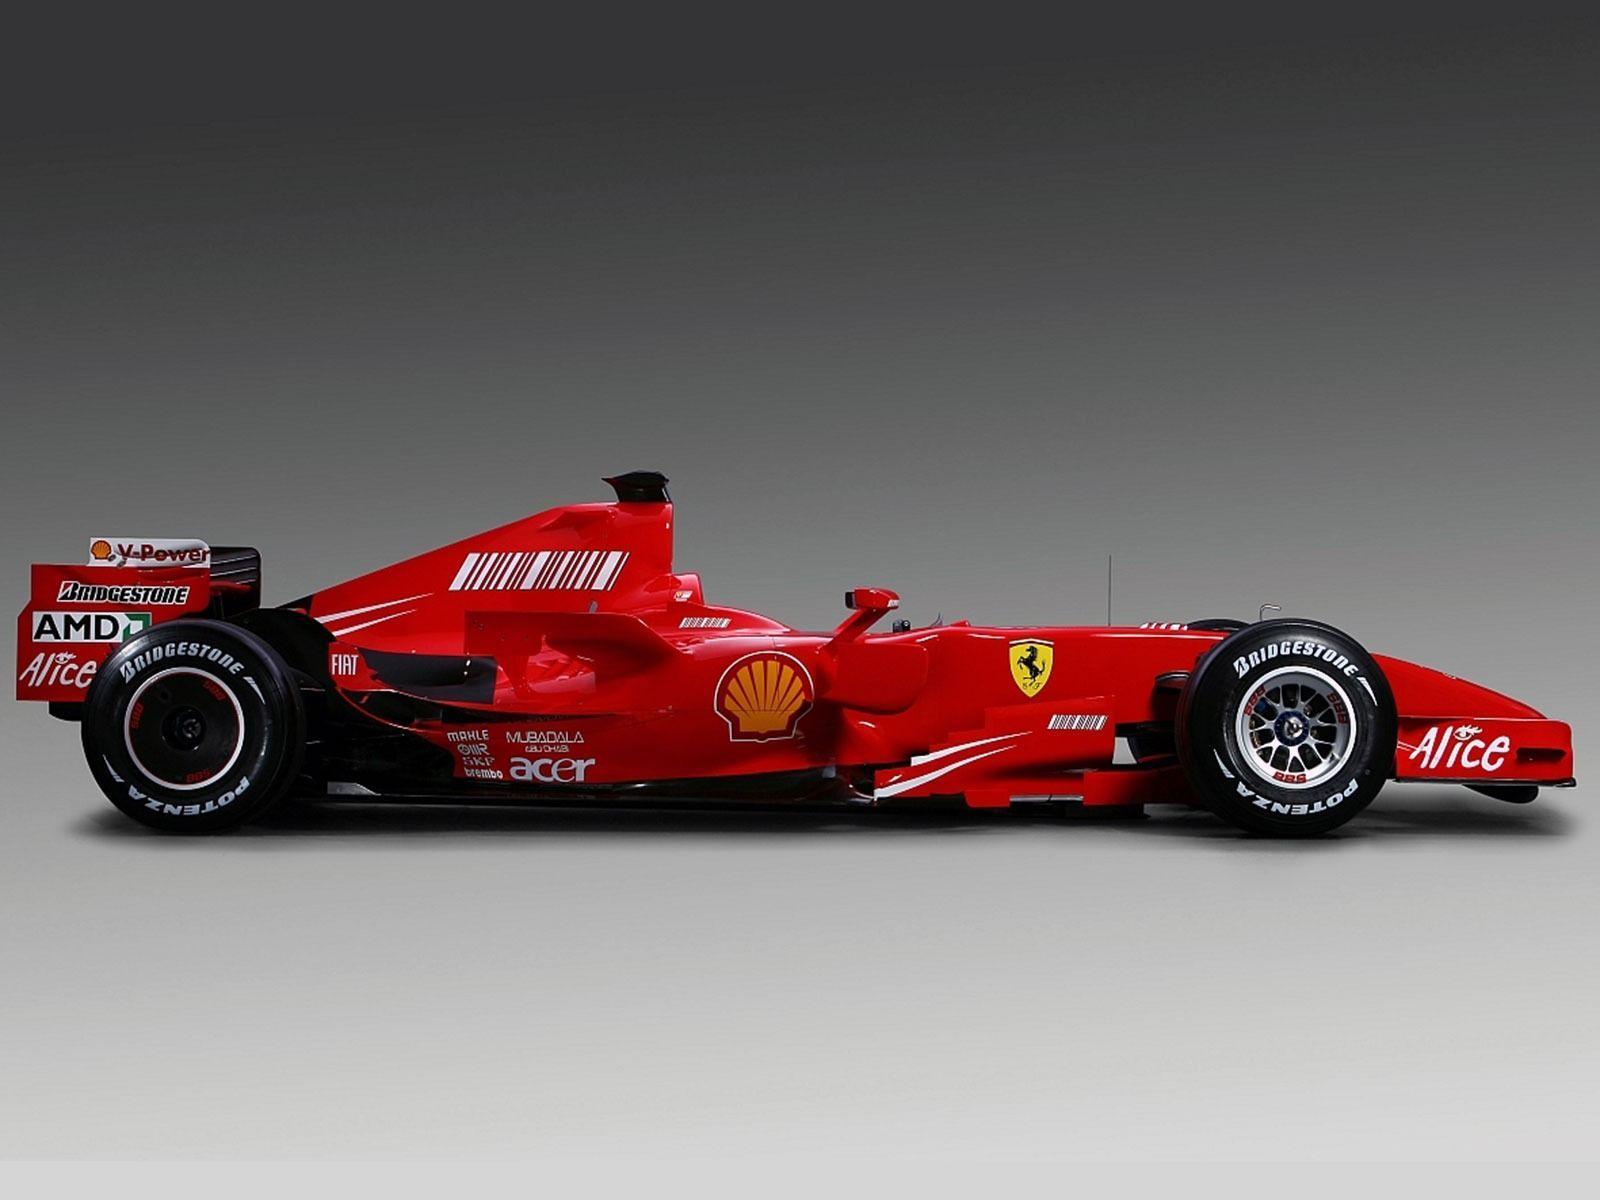 F1 Ferrari Wallpapers - Wallpaper Cave